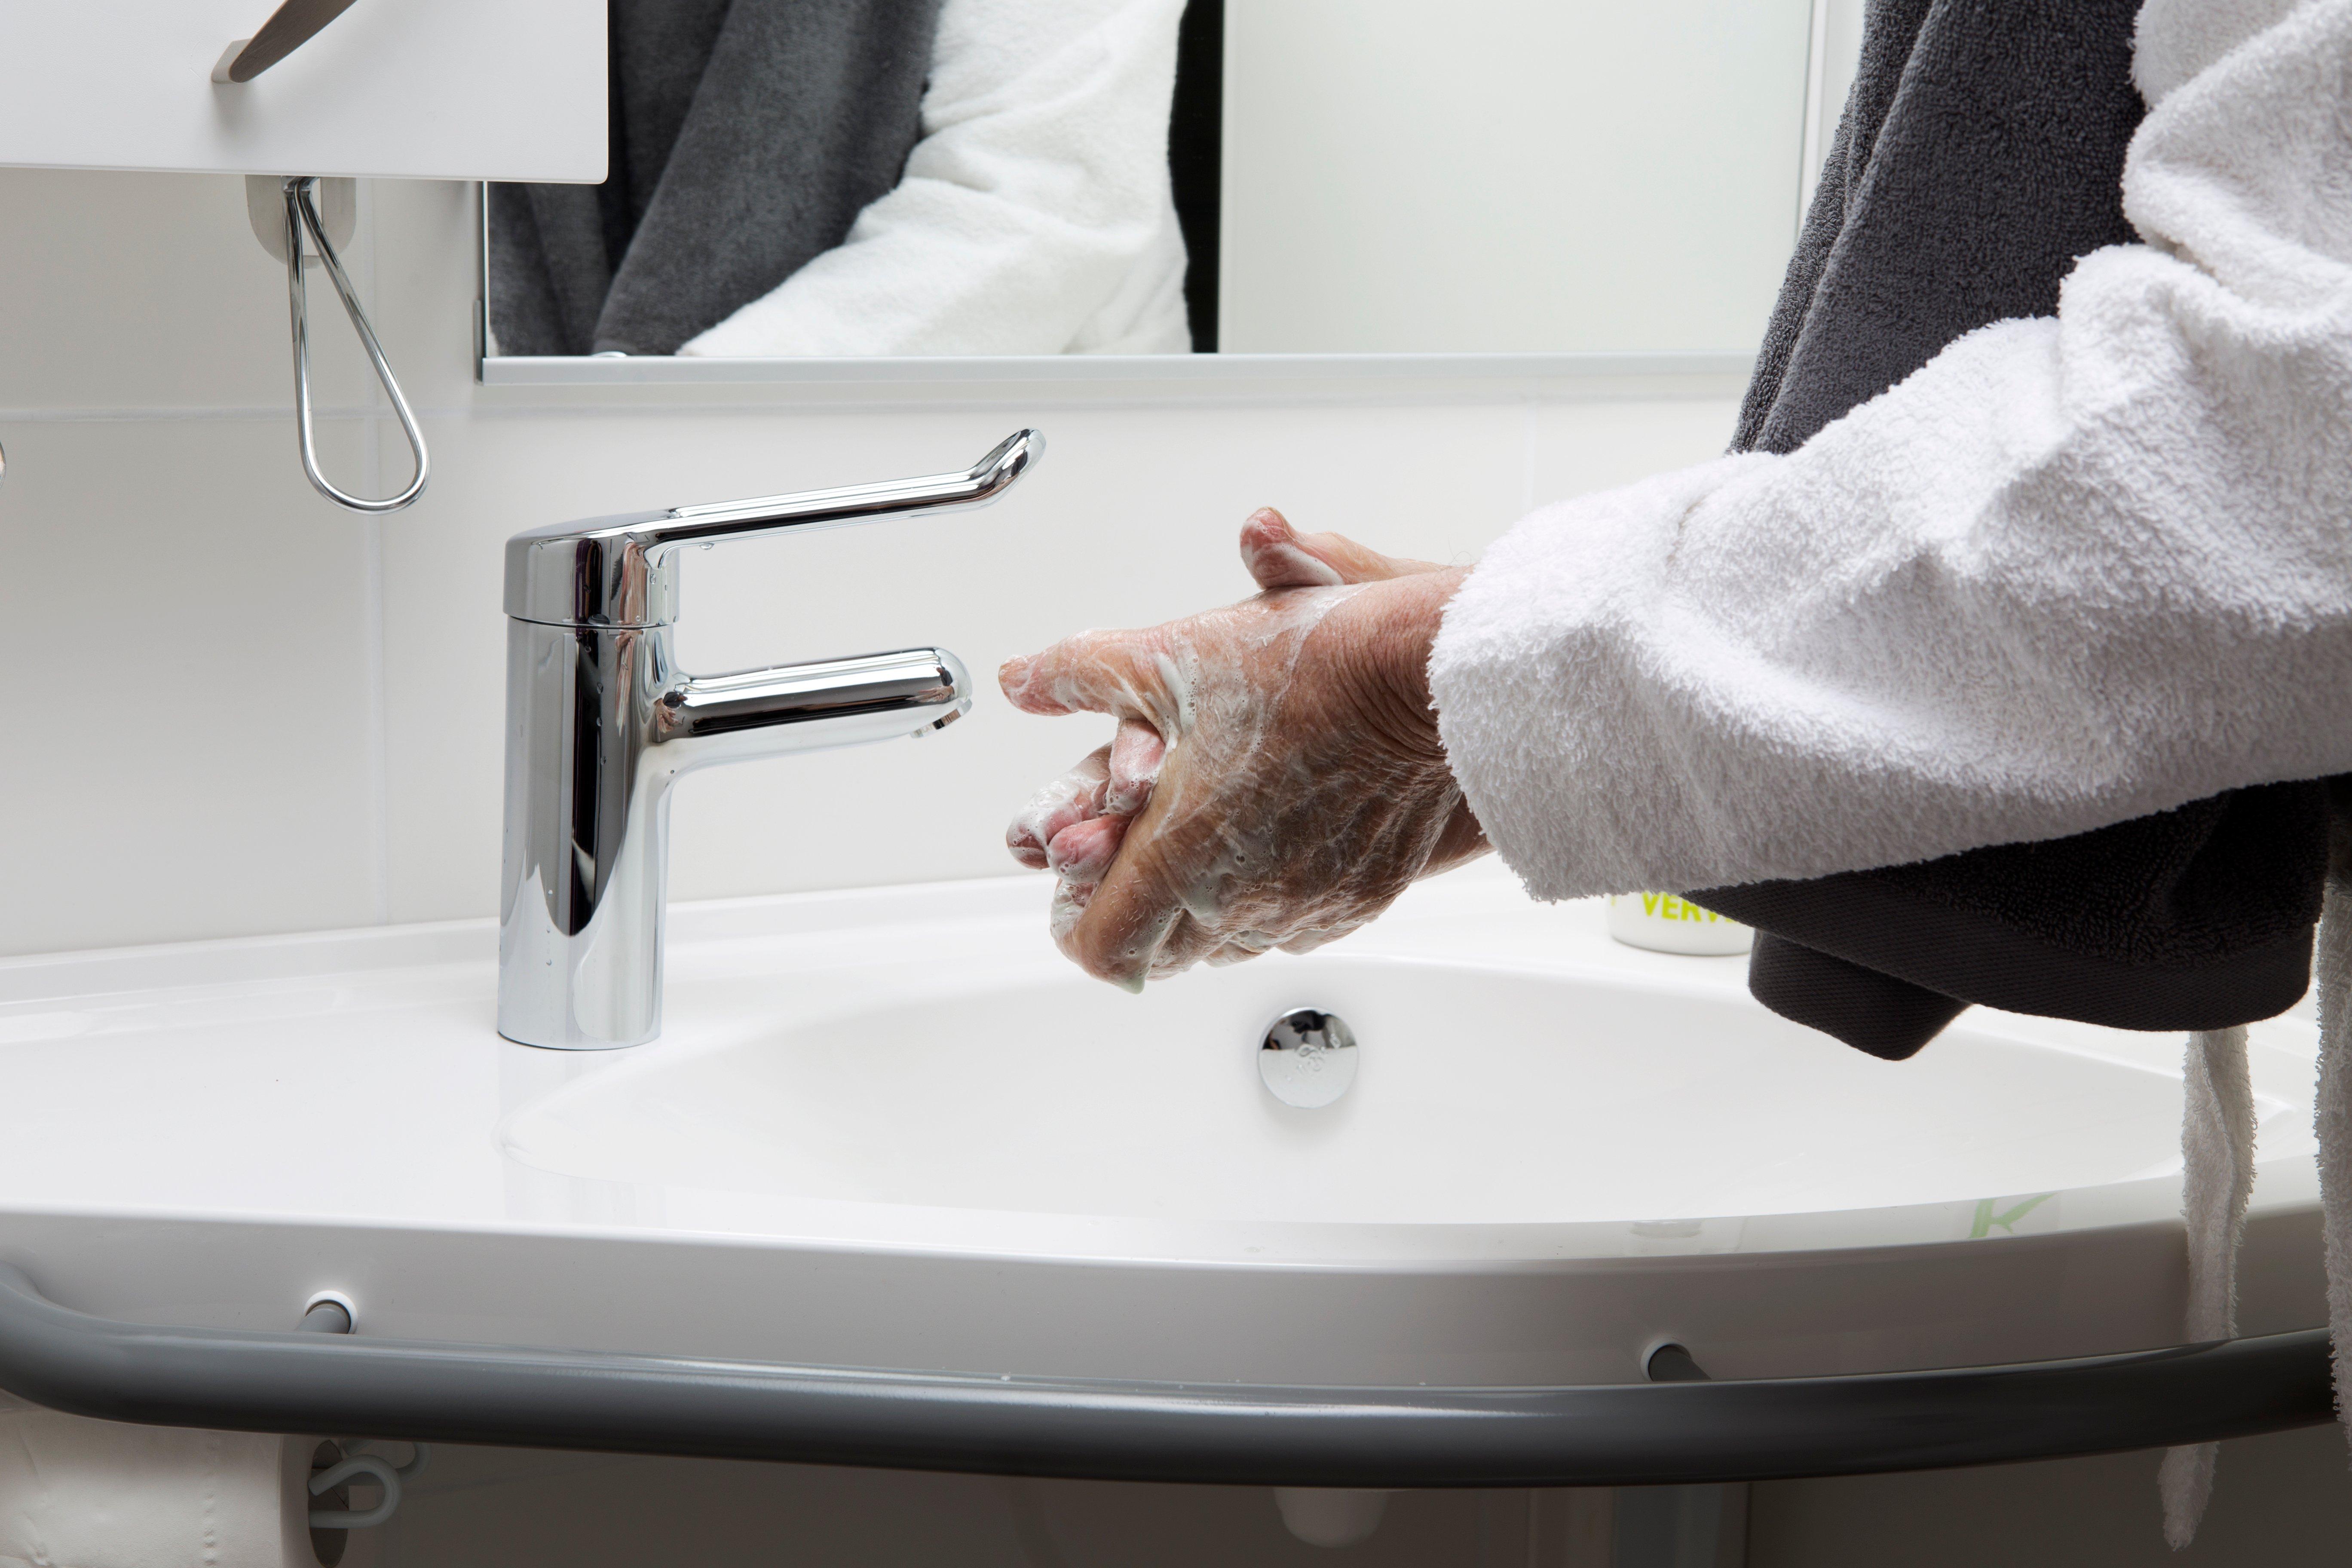 Hygienen ved sykehus er en viktig del av moderne sykehusbehandlinger og helsetjenester.